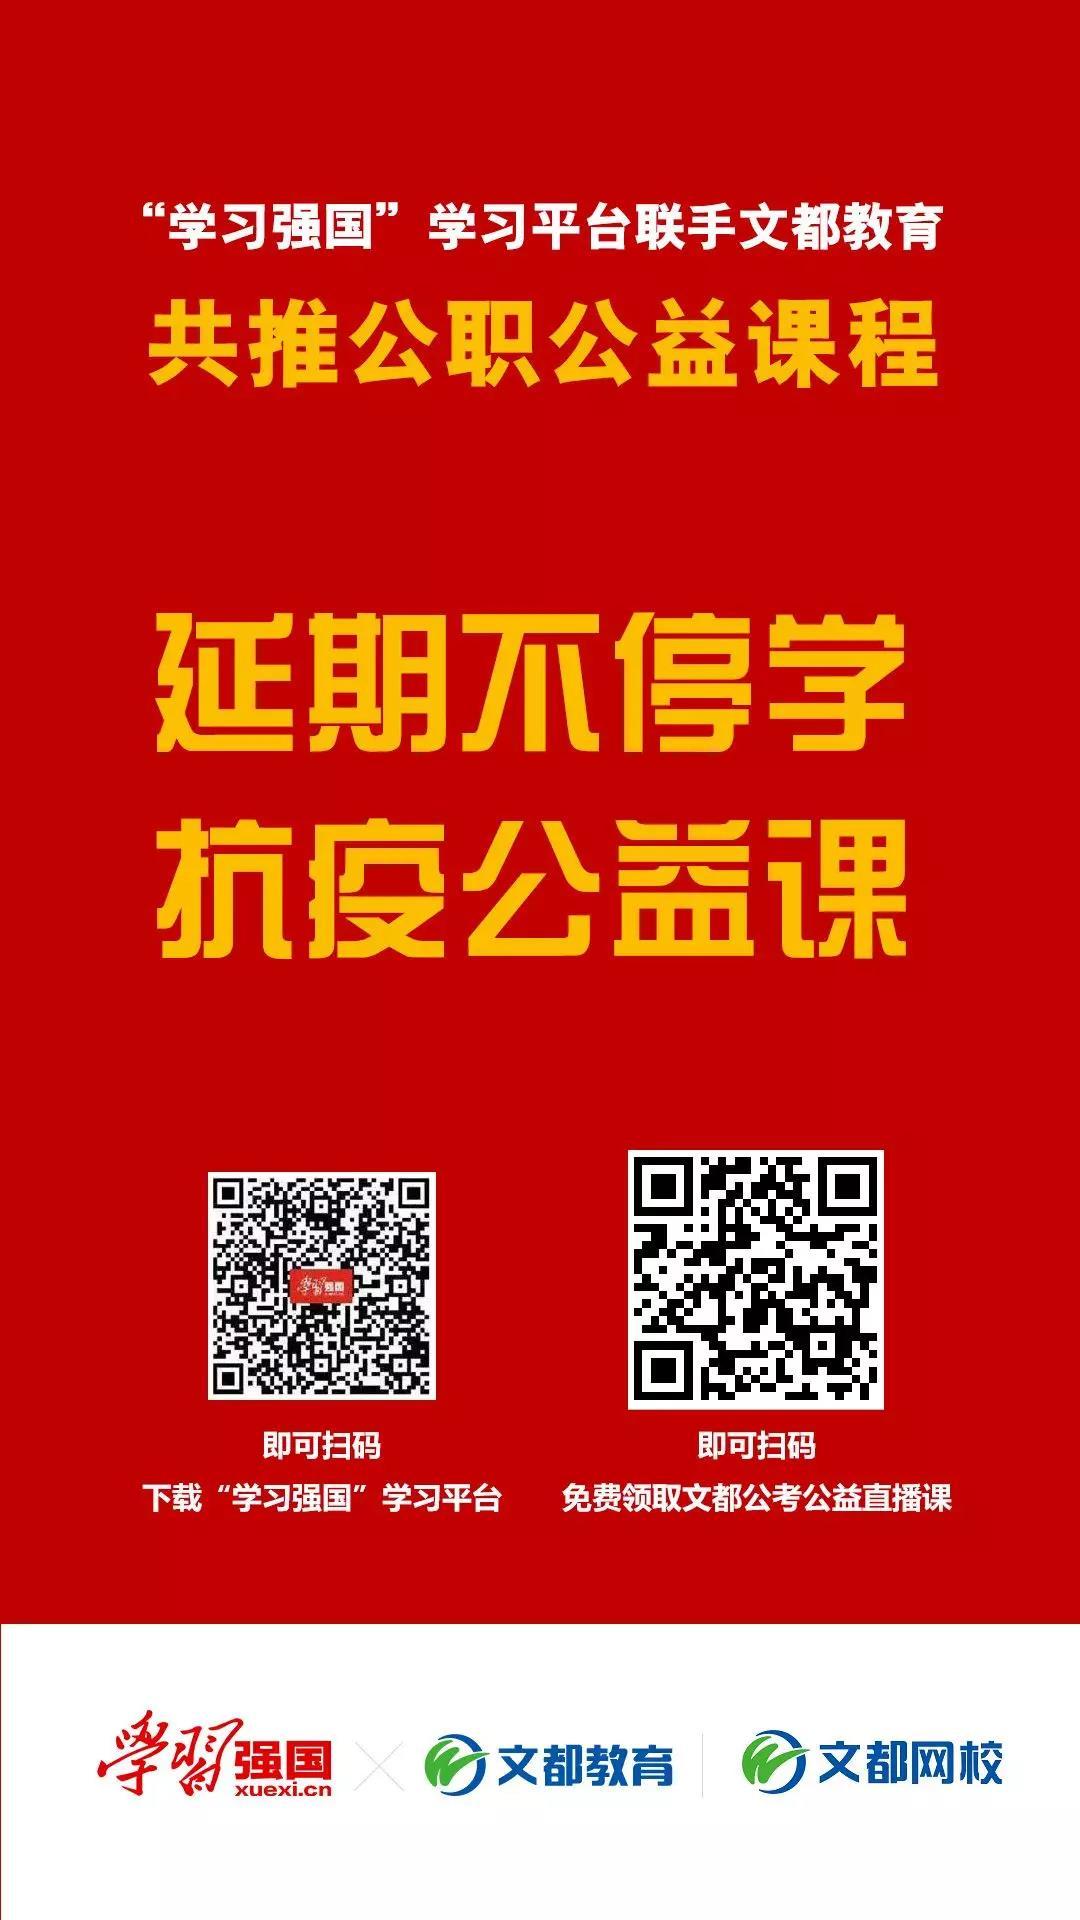 """""""学习强国""""联手""""文都网校""""推出2000+课时免费在线公益课!"""